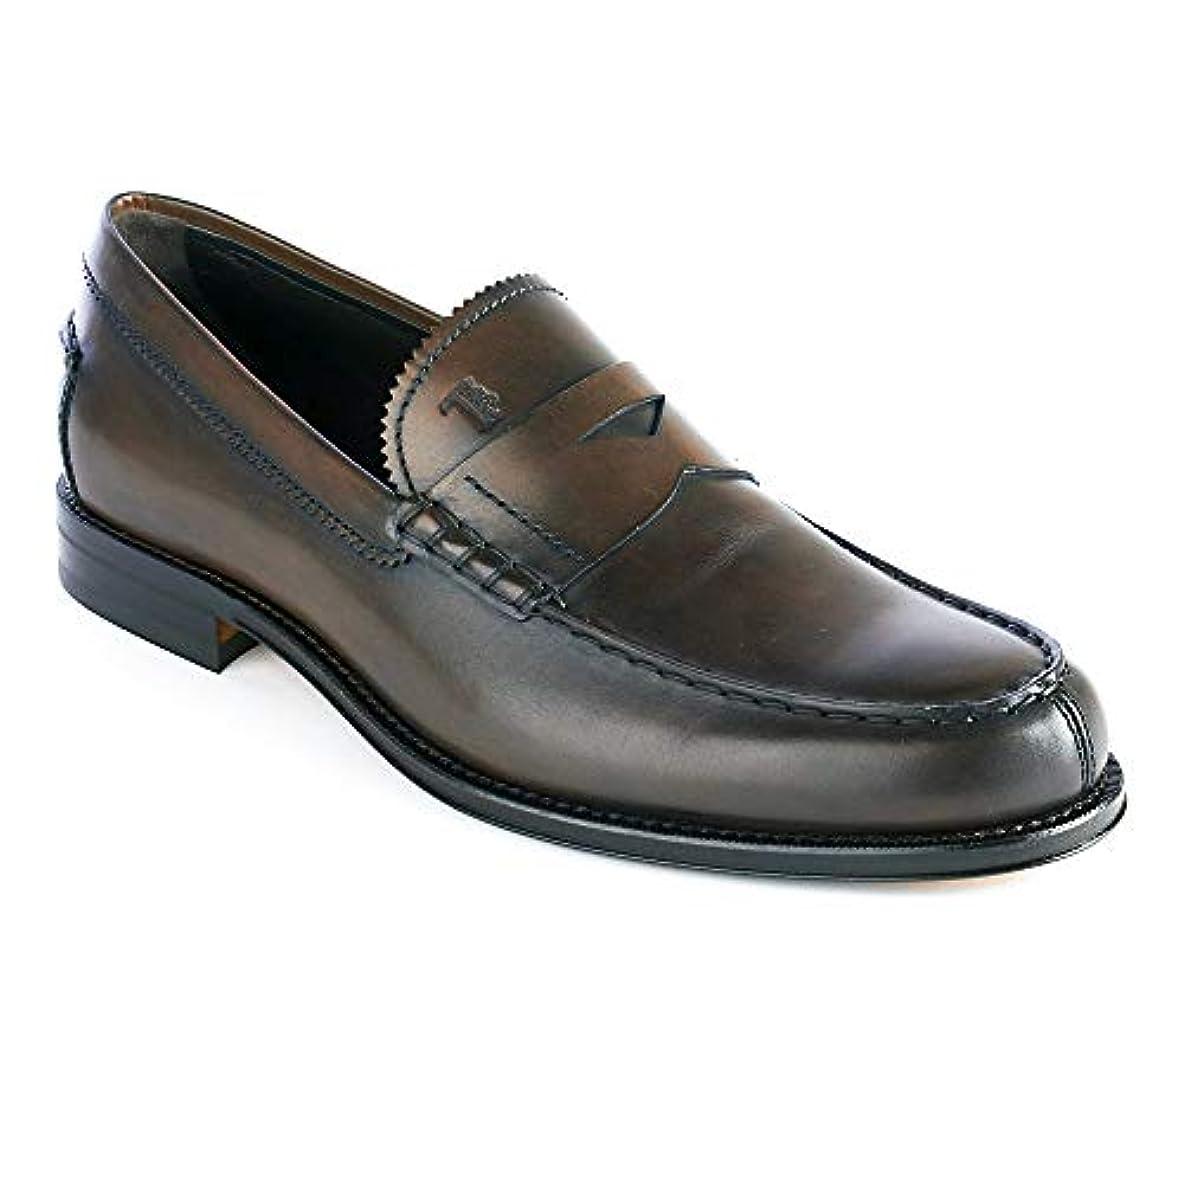 データムブリーフケースディスカウントTod's Men's Leather Loafer Shoes Brown